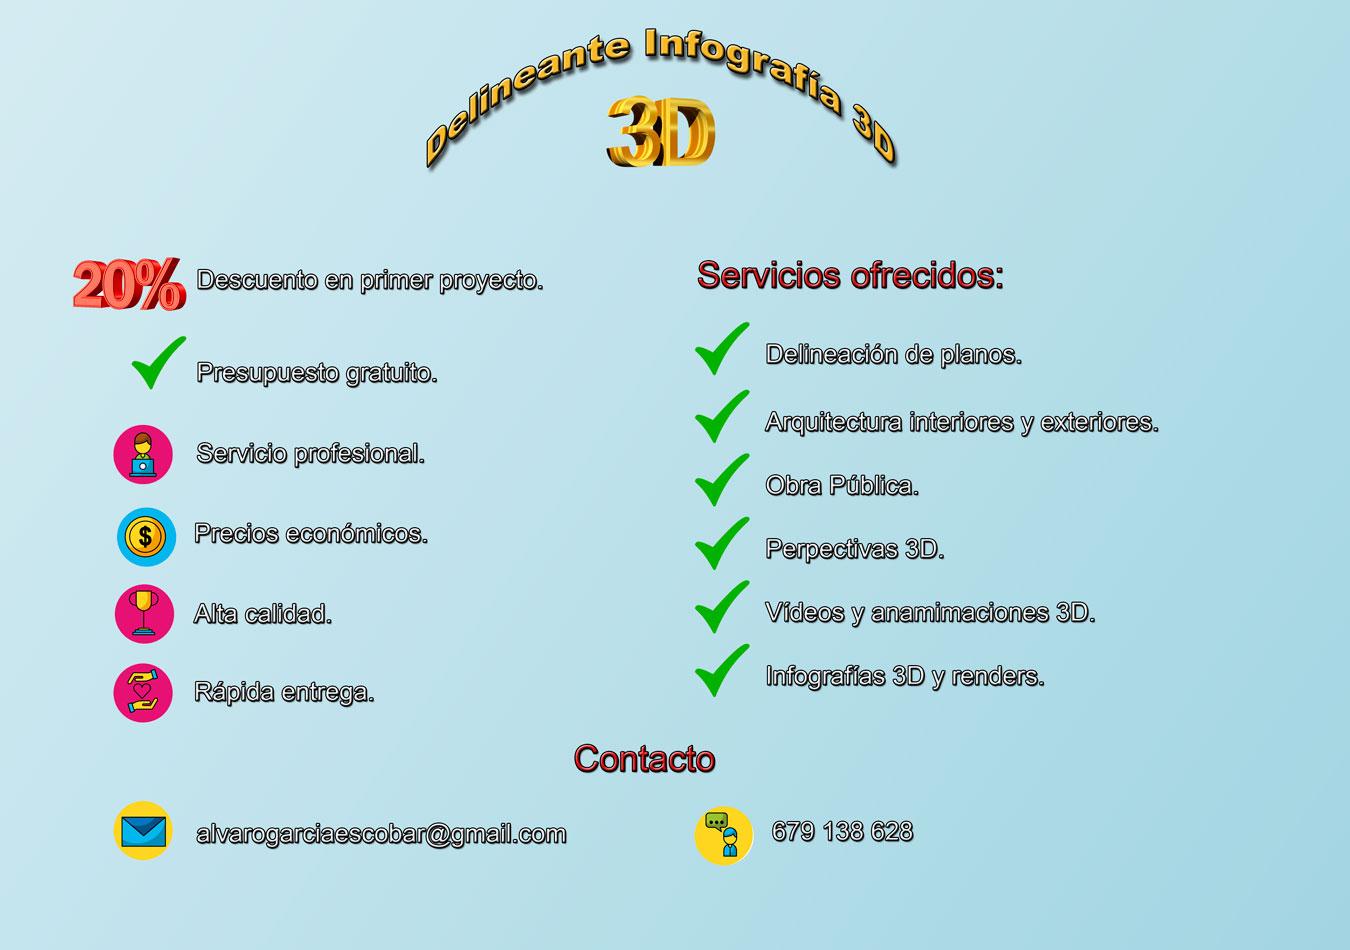 Servicios infografía 3D